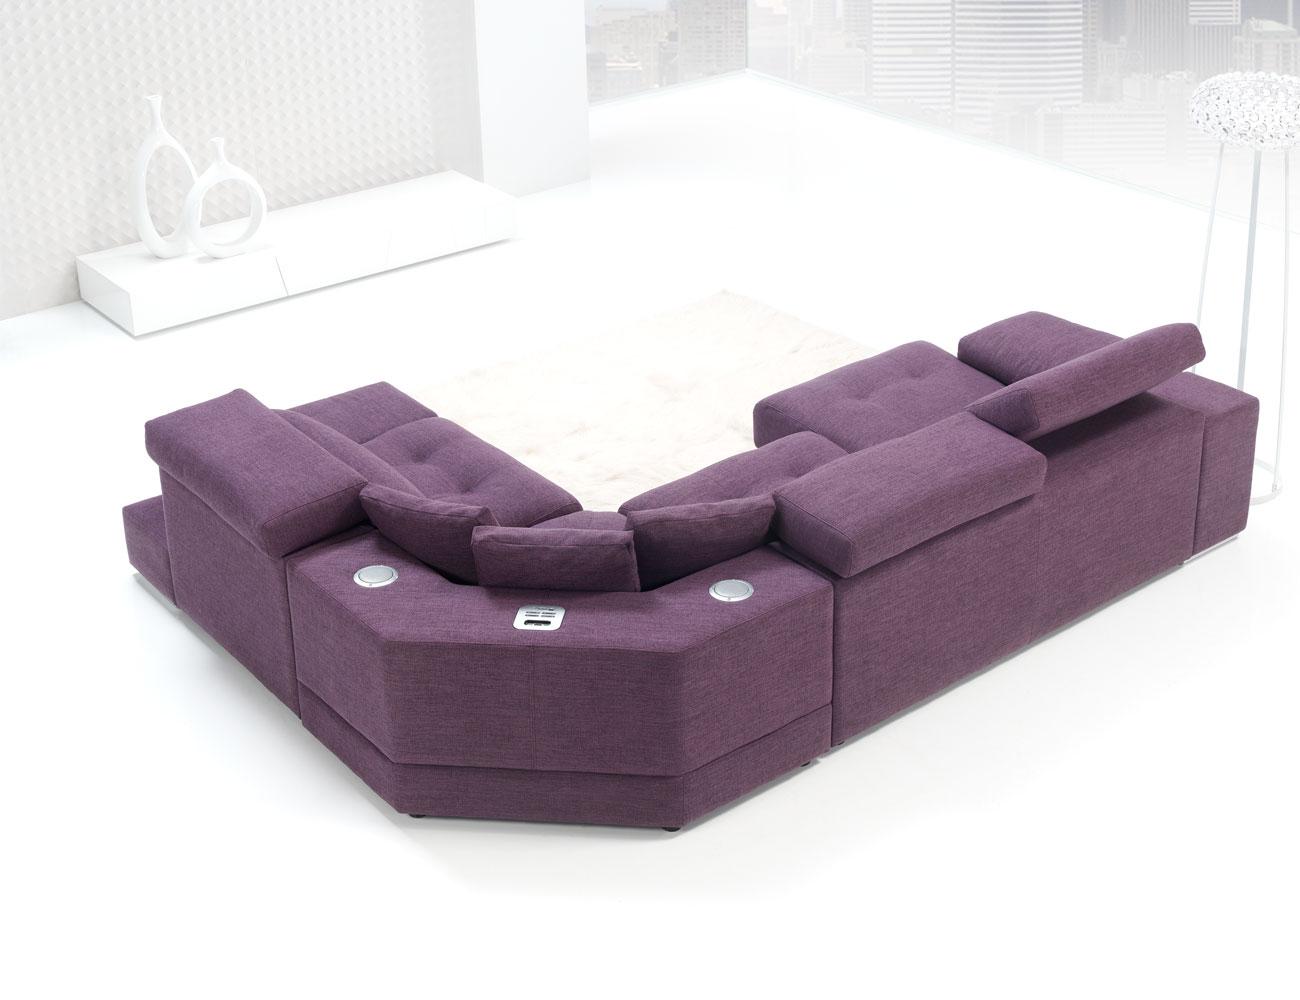 Sofa chaiselongue rincon con brazo mecanico tejido anti manchas 310